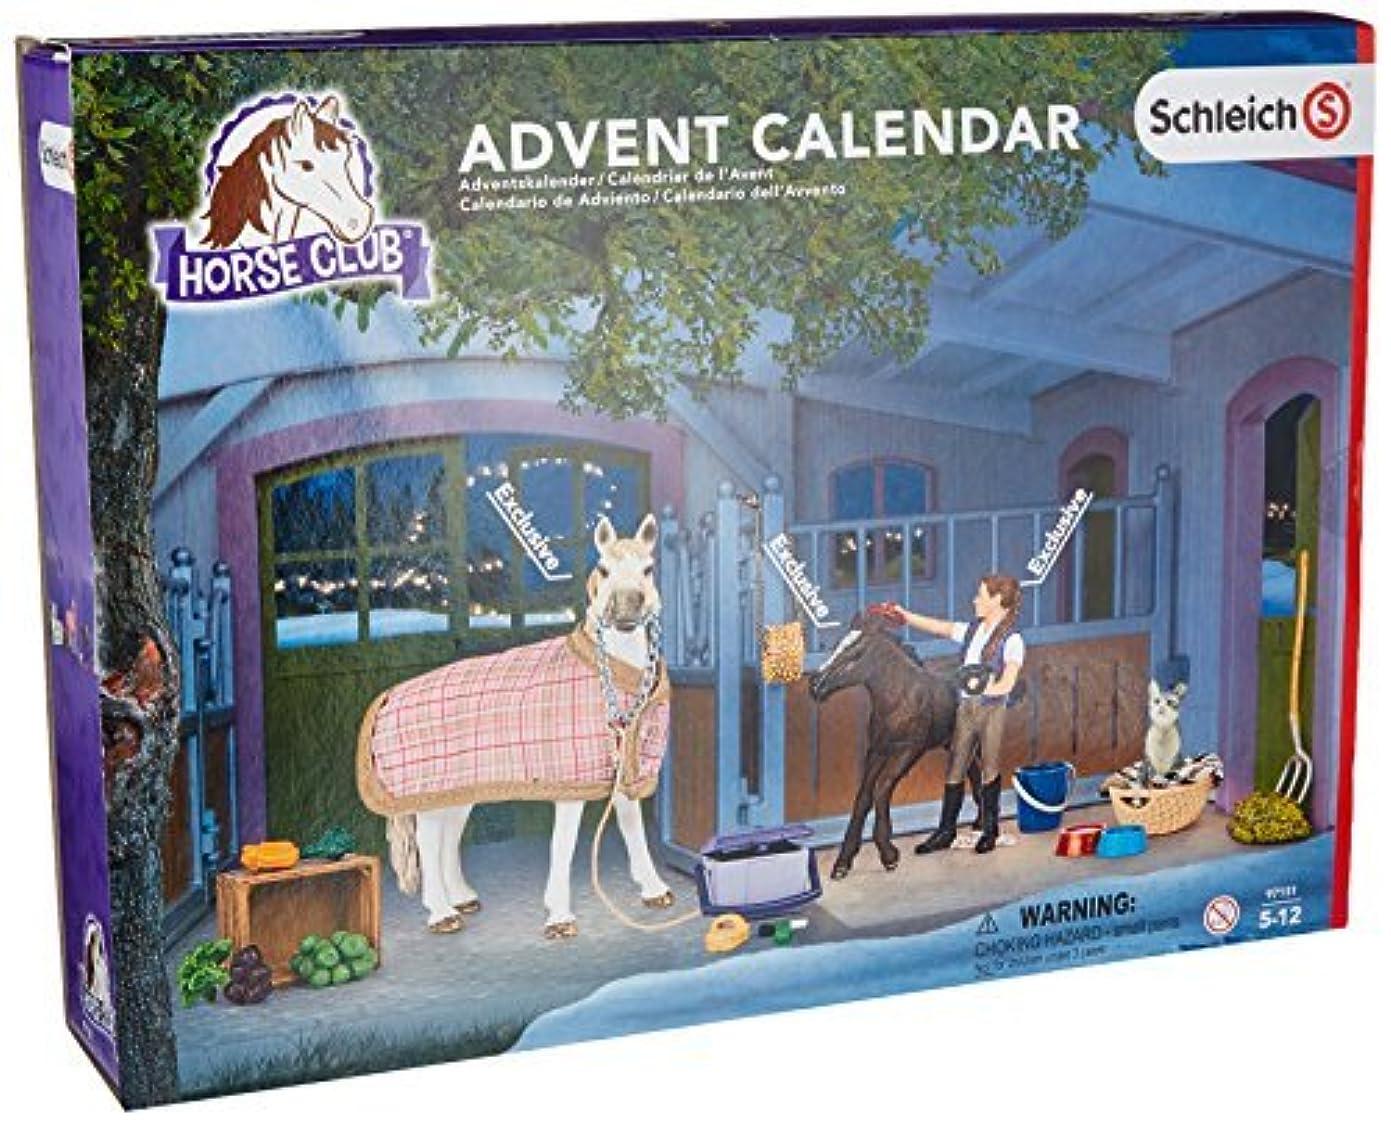 確認する反対に短くするSchleich North America Horses Advent Calendar 2016 Playset [Floral] [並行輸入品]